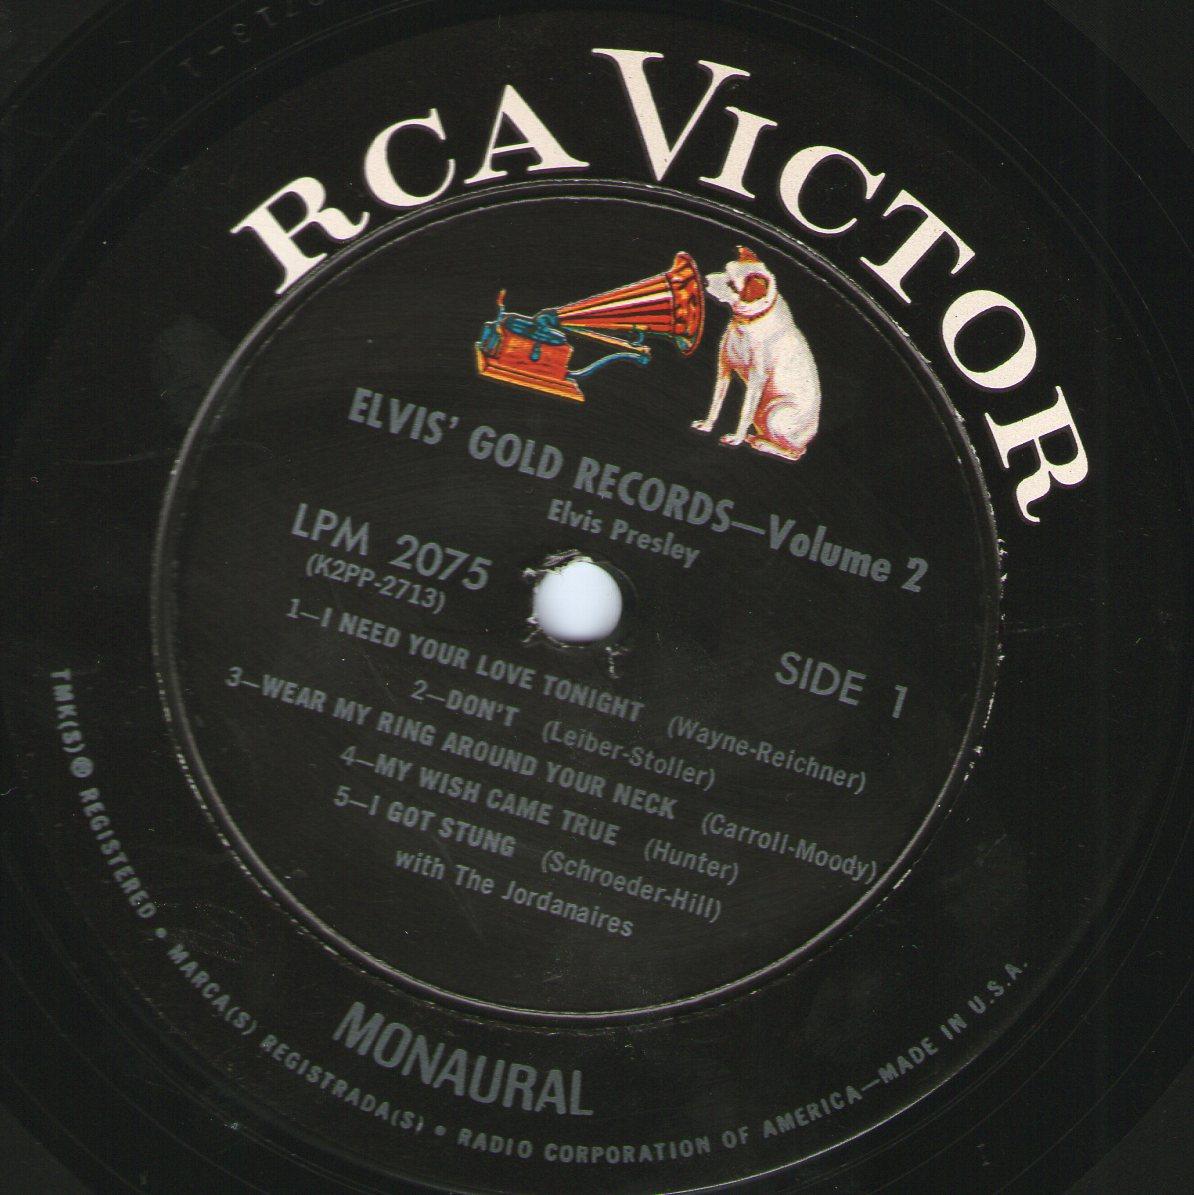 ELVIS' GOLD RECORDS VOL 2 Img210vkf5j